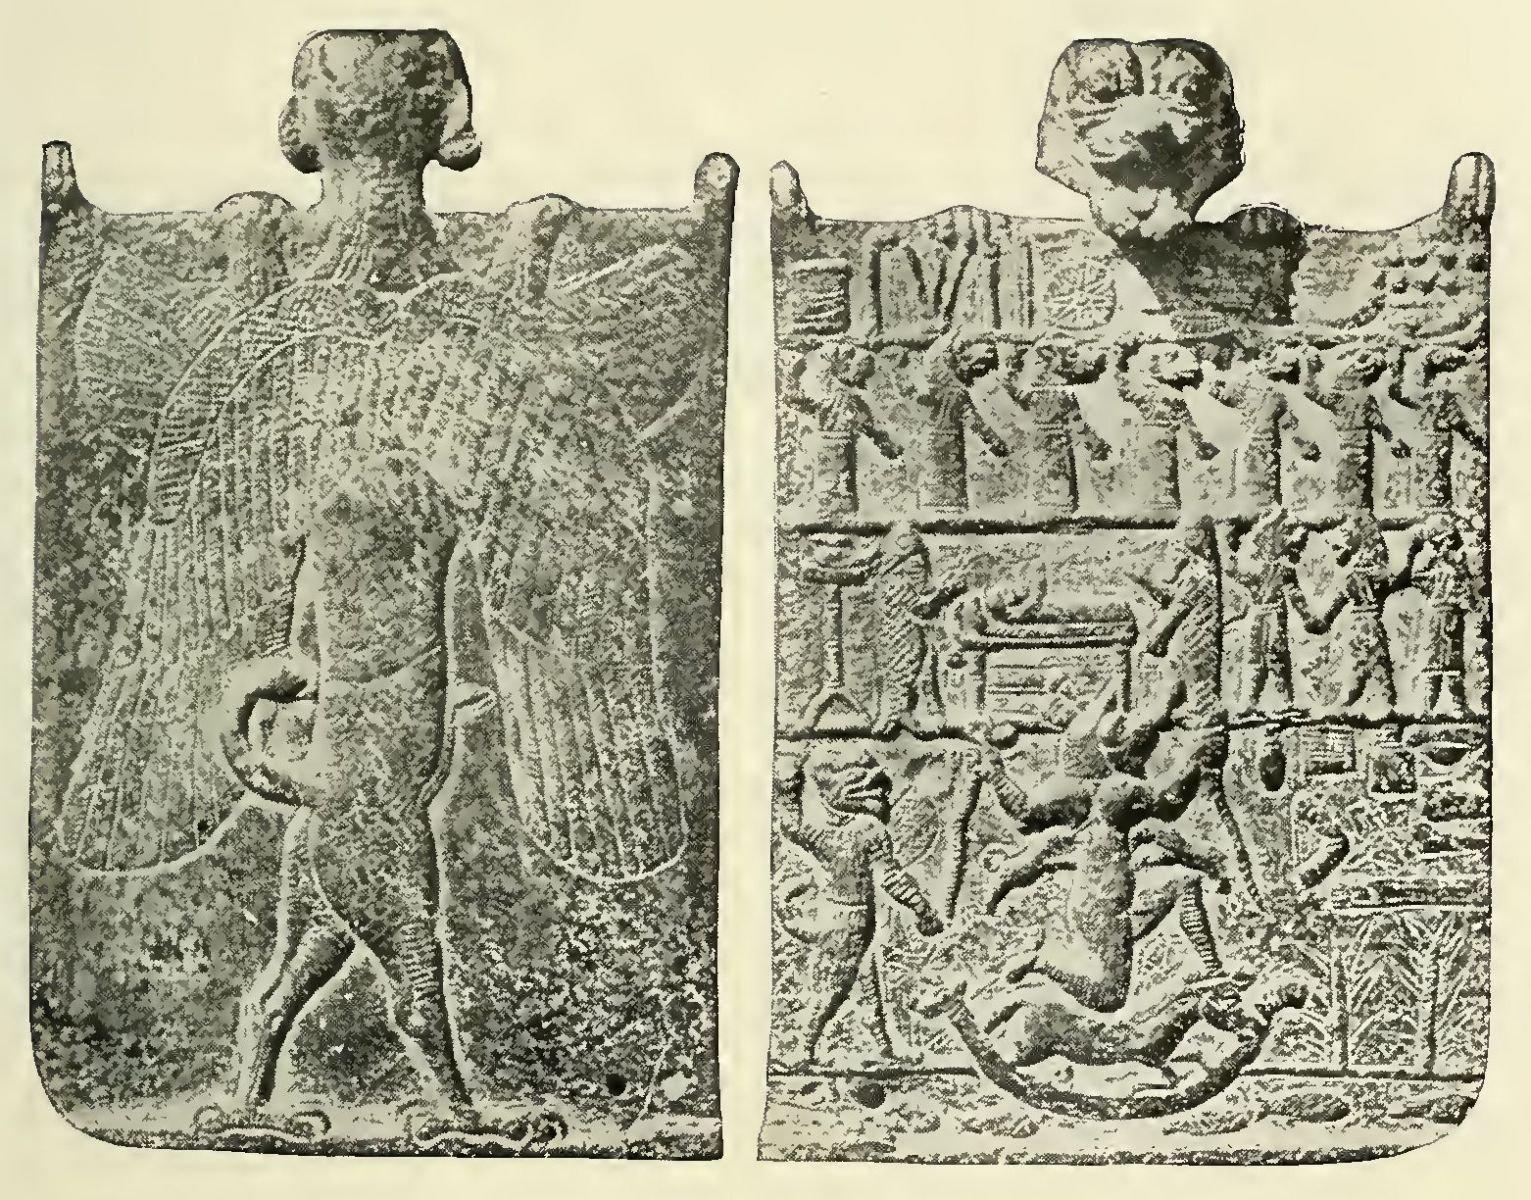 Man Myth and Magic Illustrated Encyclopedia of the Supernatural 24 Vol. (1970, HC)